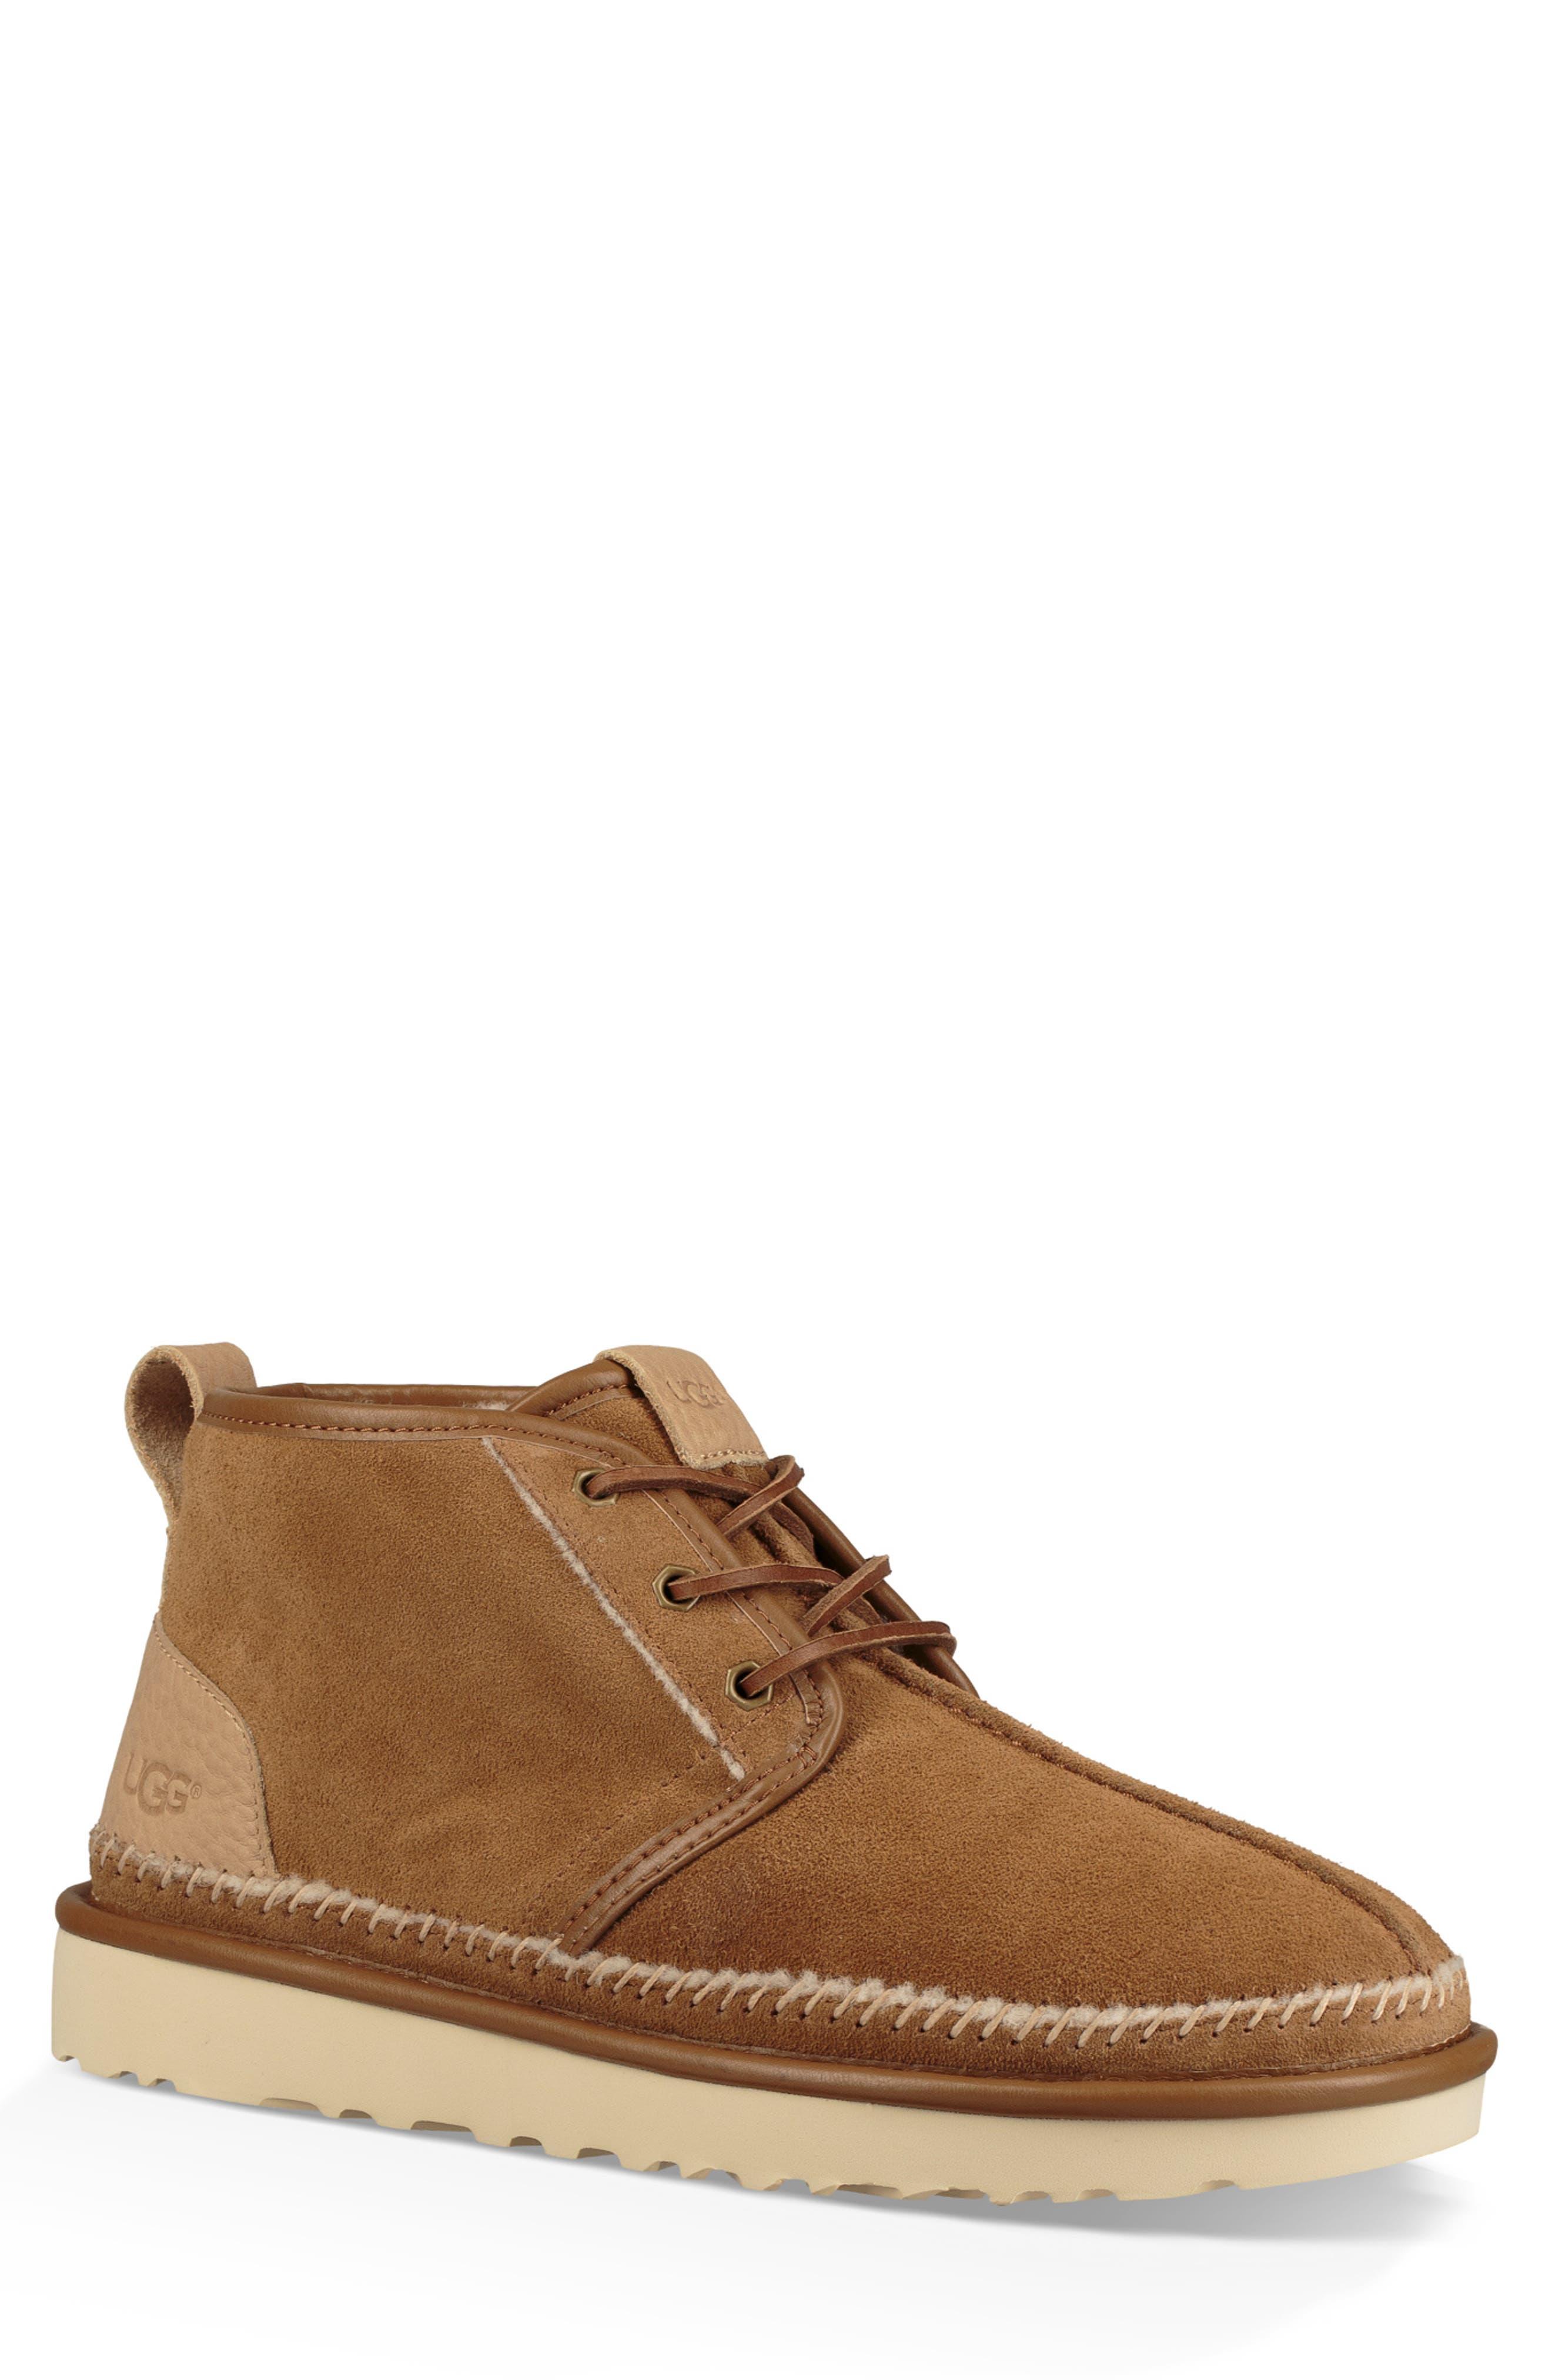 Ugg Neumel Stitch Chukka Boot, Brown